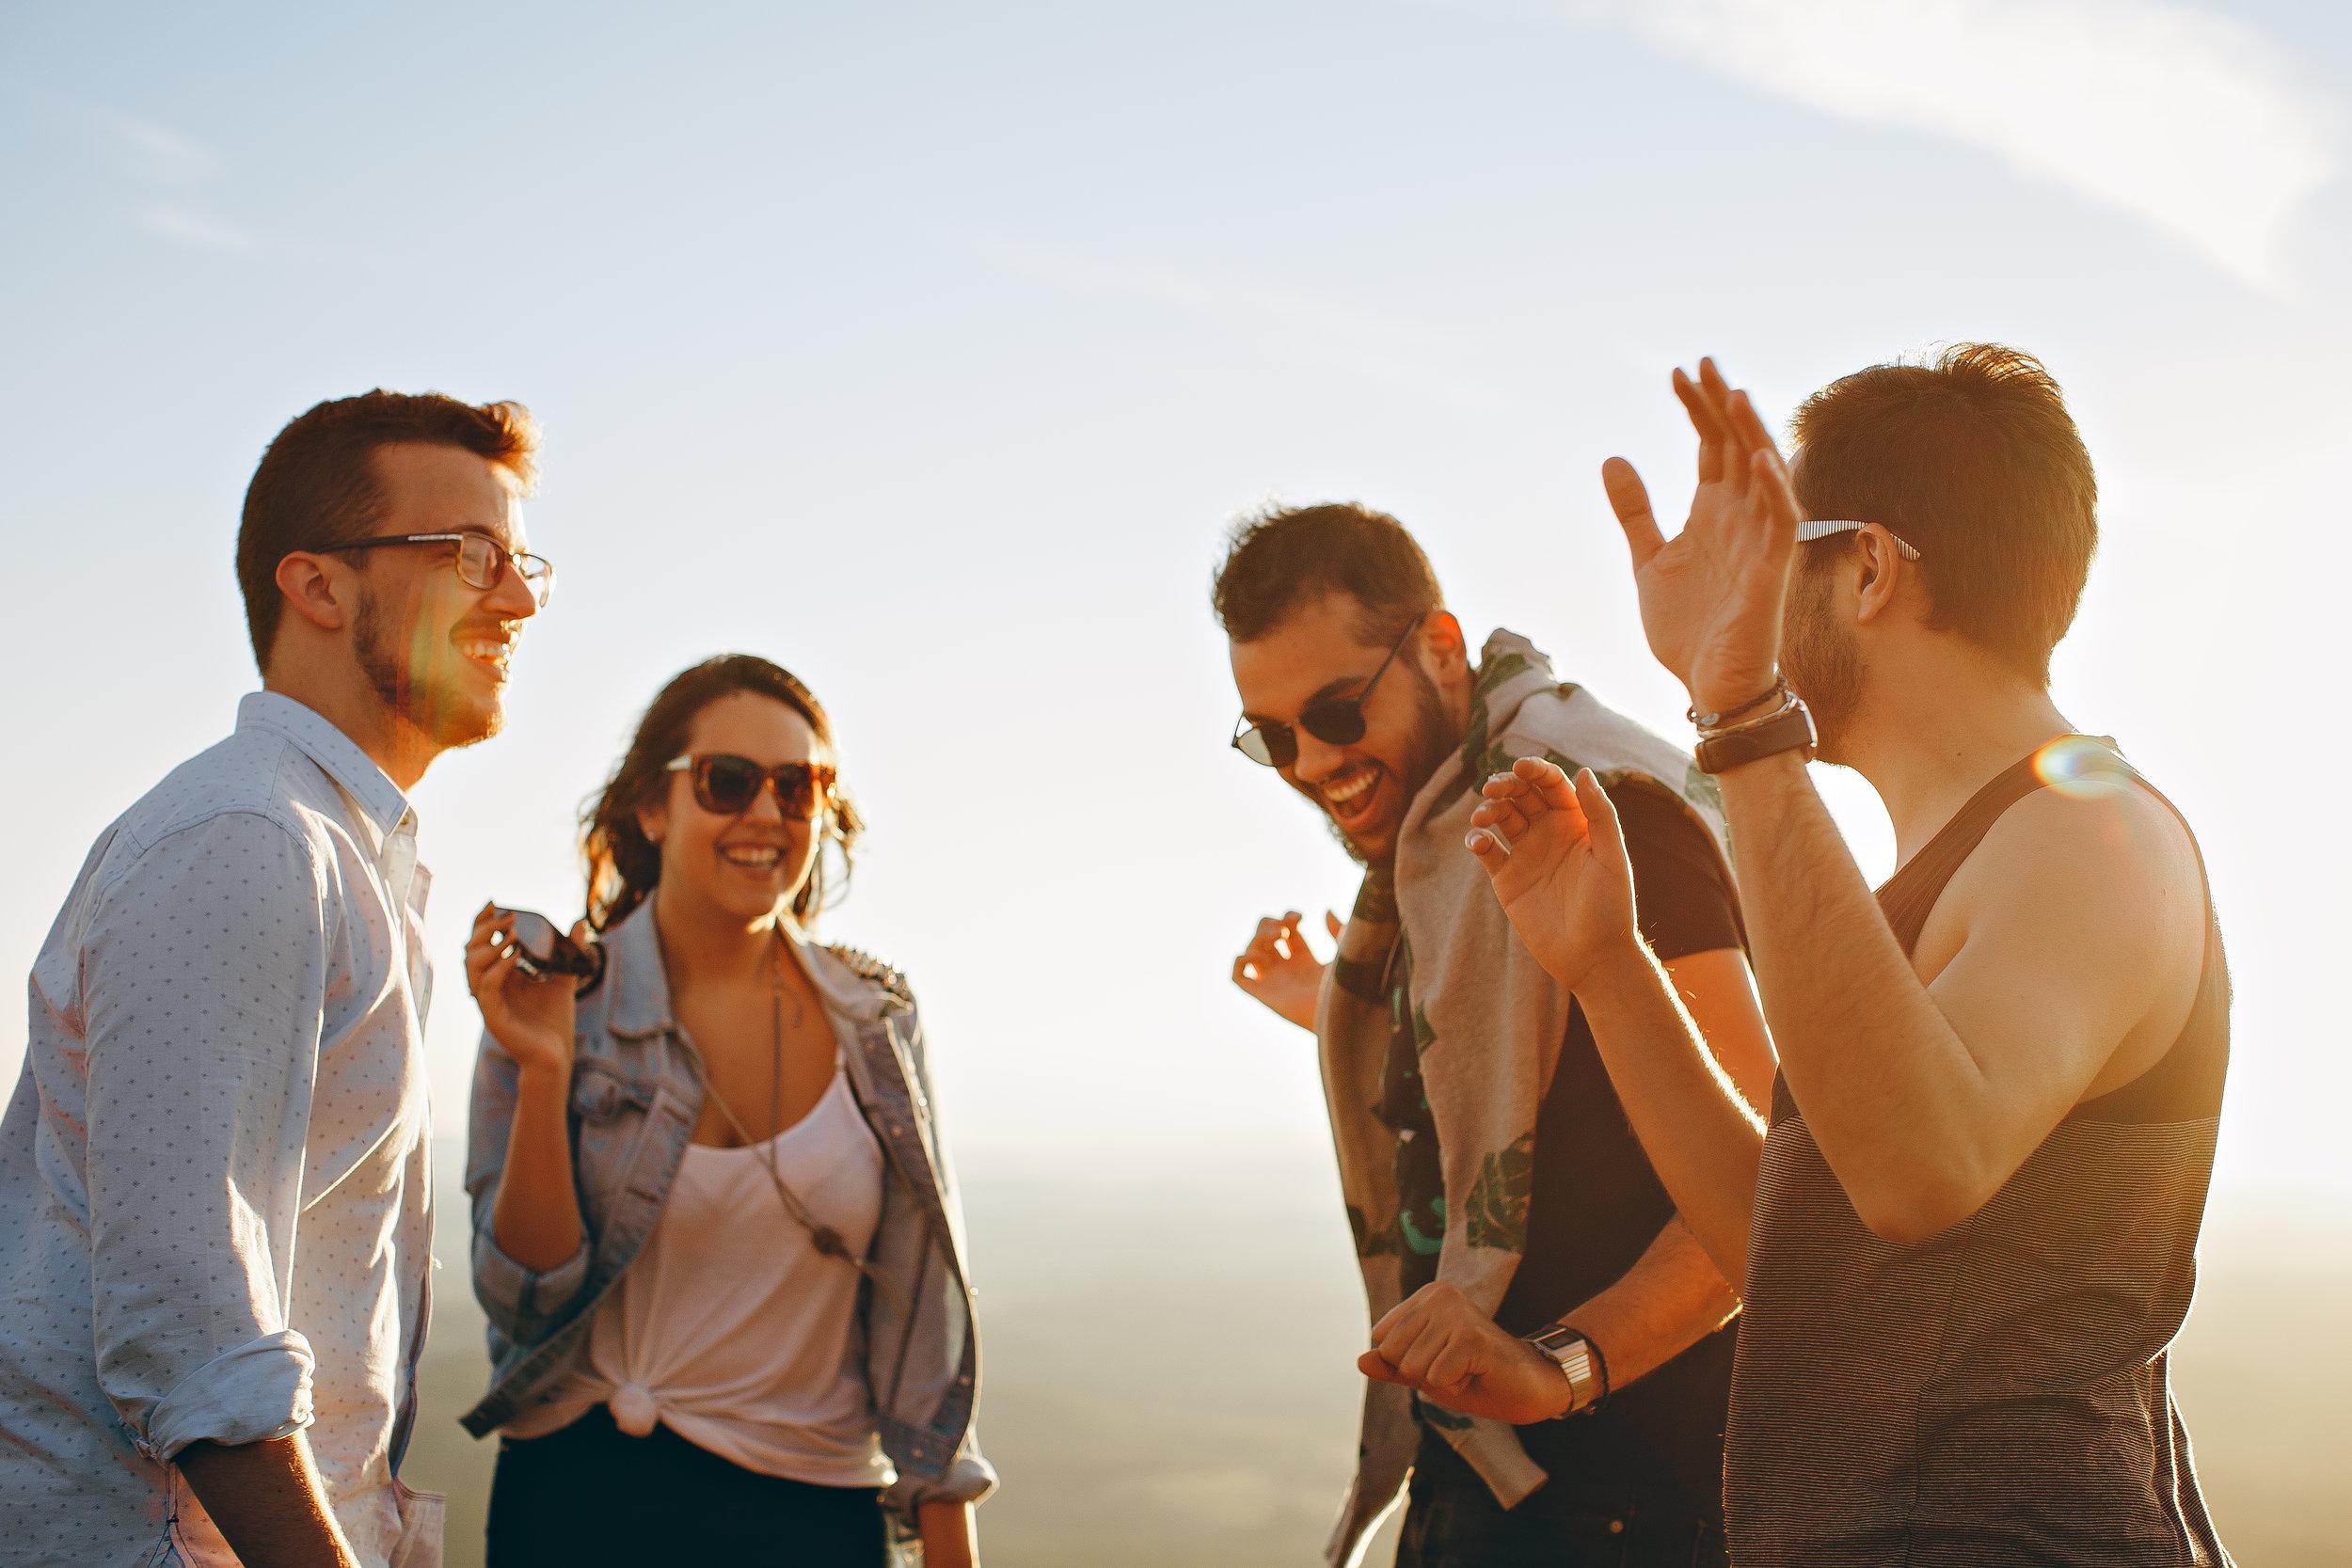 Organizações Positivas + - Criar uma estrutura positiva e colaborativa aproxima as pessoas da empresa, a empresa das pessoas, fortalece relações e promove o envolvimento destas, transparecendo sucesso. Organizações positivas incentivam o bem-estar das suas equipas, obtendo como retorno mais produtividade e satisfação com o trabalho.Facilitamos a incorporação de políticas que promovem o equilíbrio entre vida pessoal e profissional, cobrindo necessidades básicas, aspetos comportamentais e variáveis físicas e mentais.